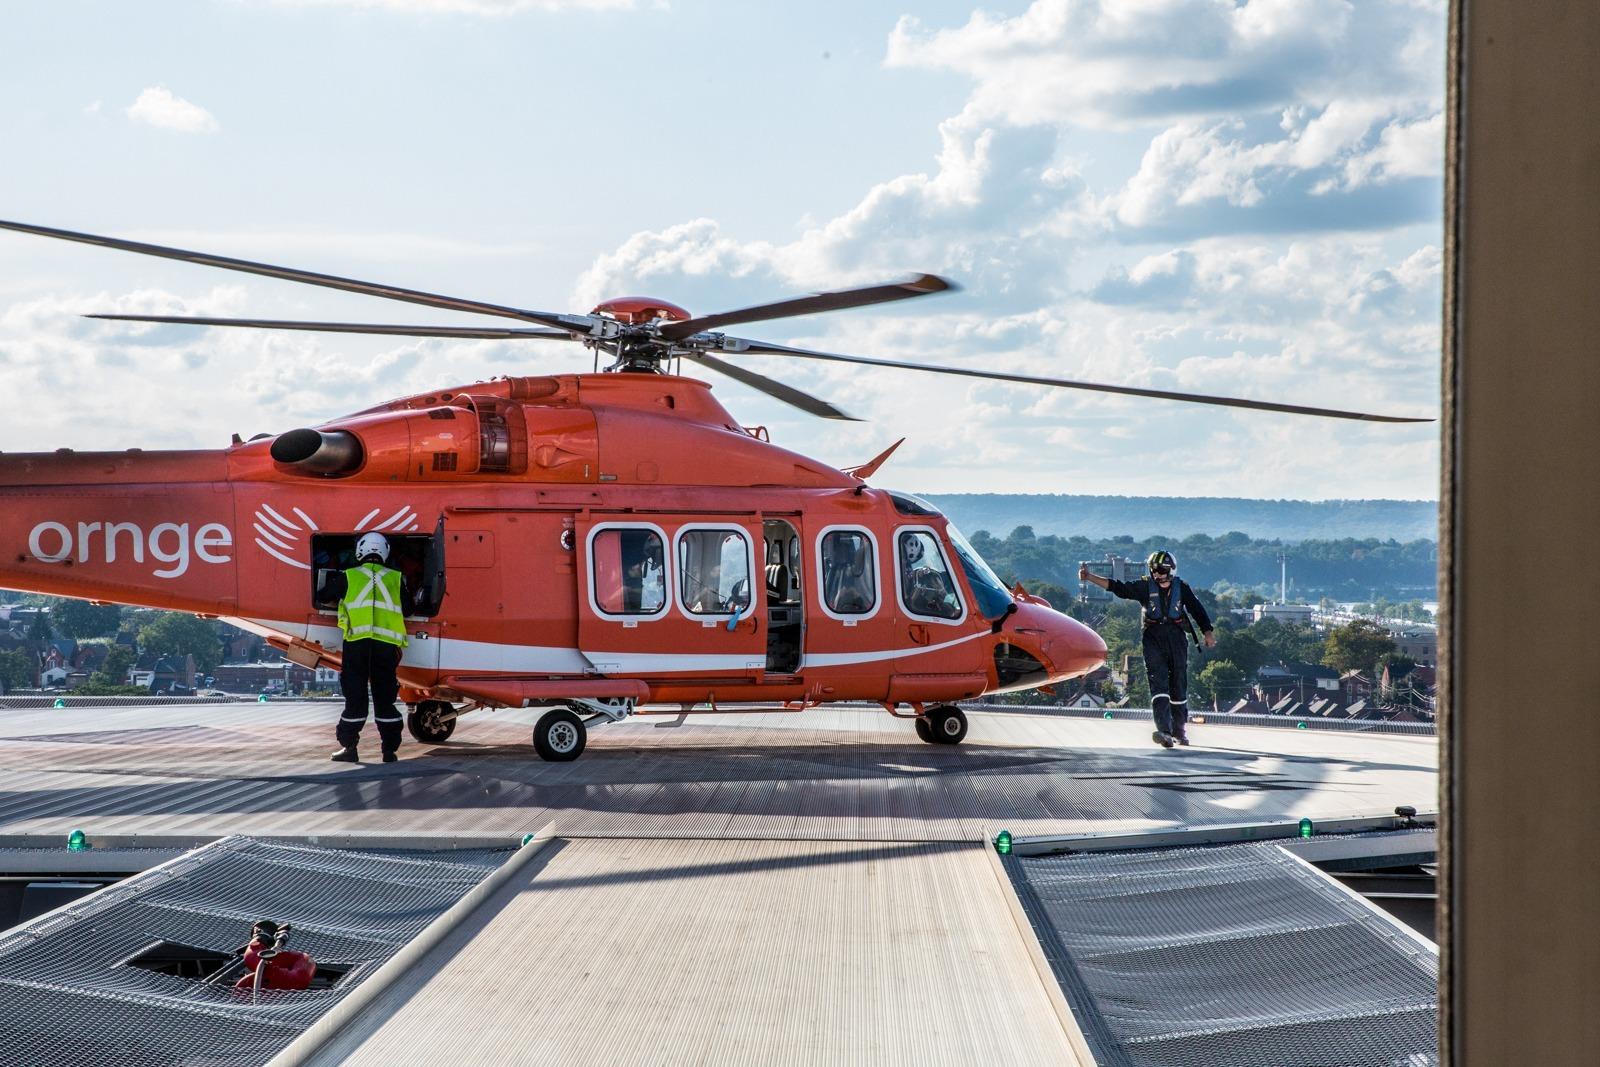 ORNGE air ambulance